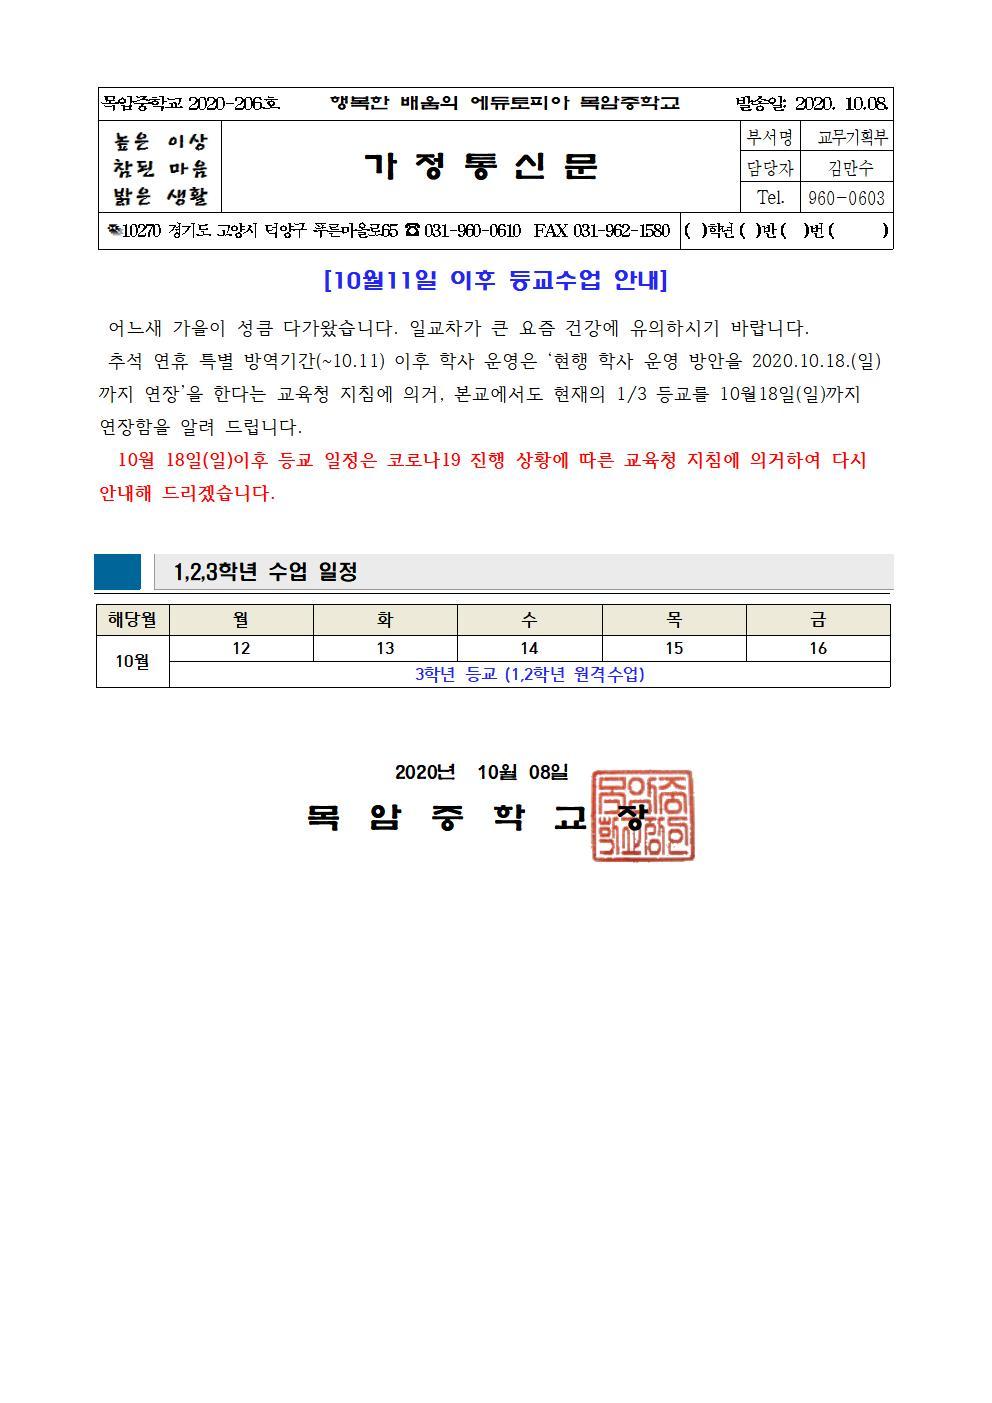 [일반] [중요]10월 11일 이후 등교수업 안내의 첨부이미지 1